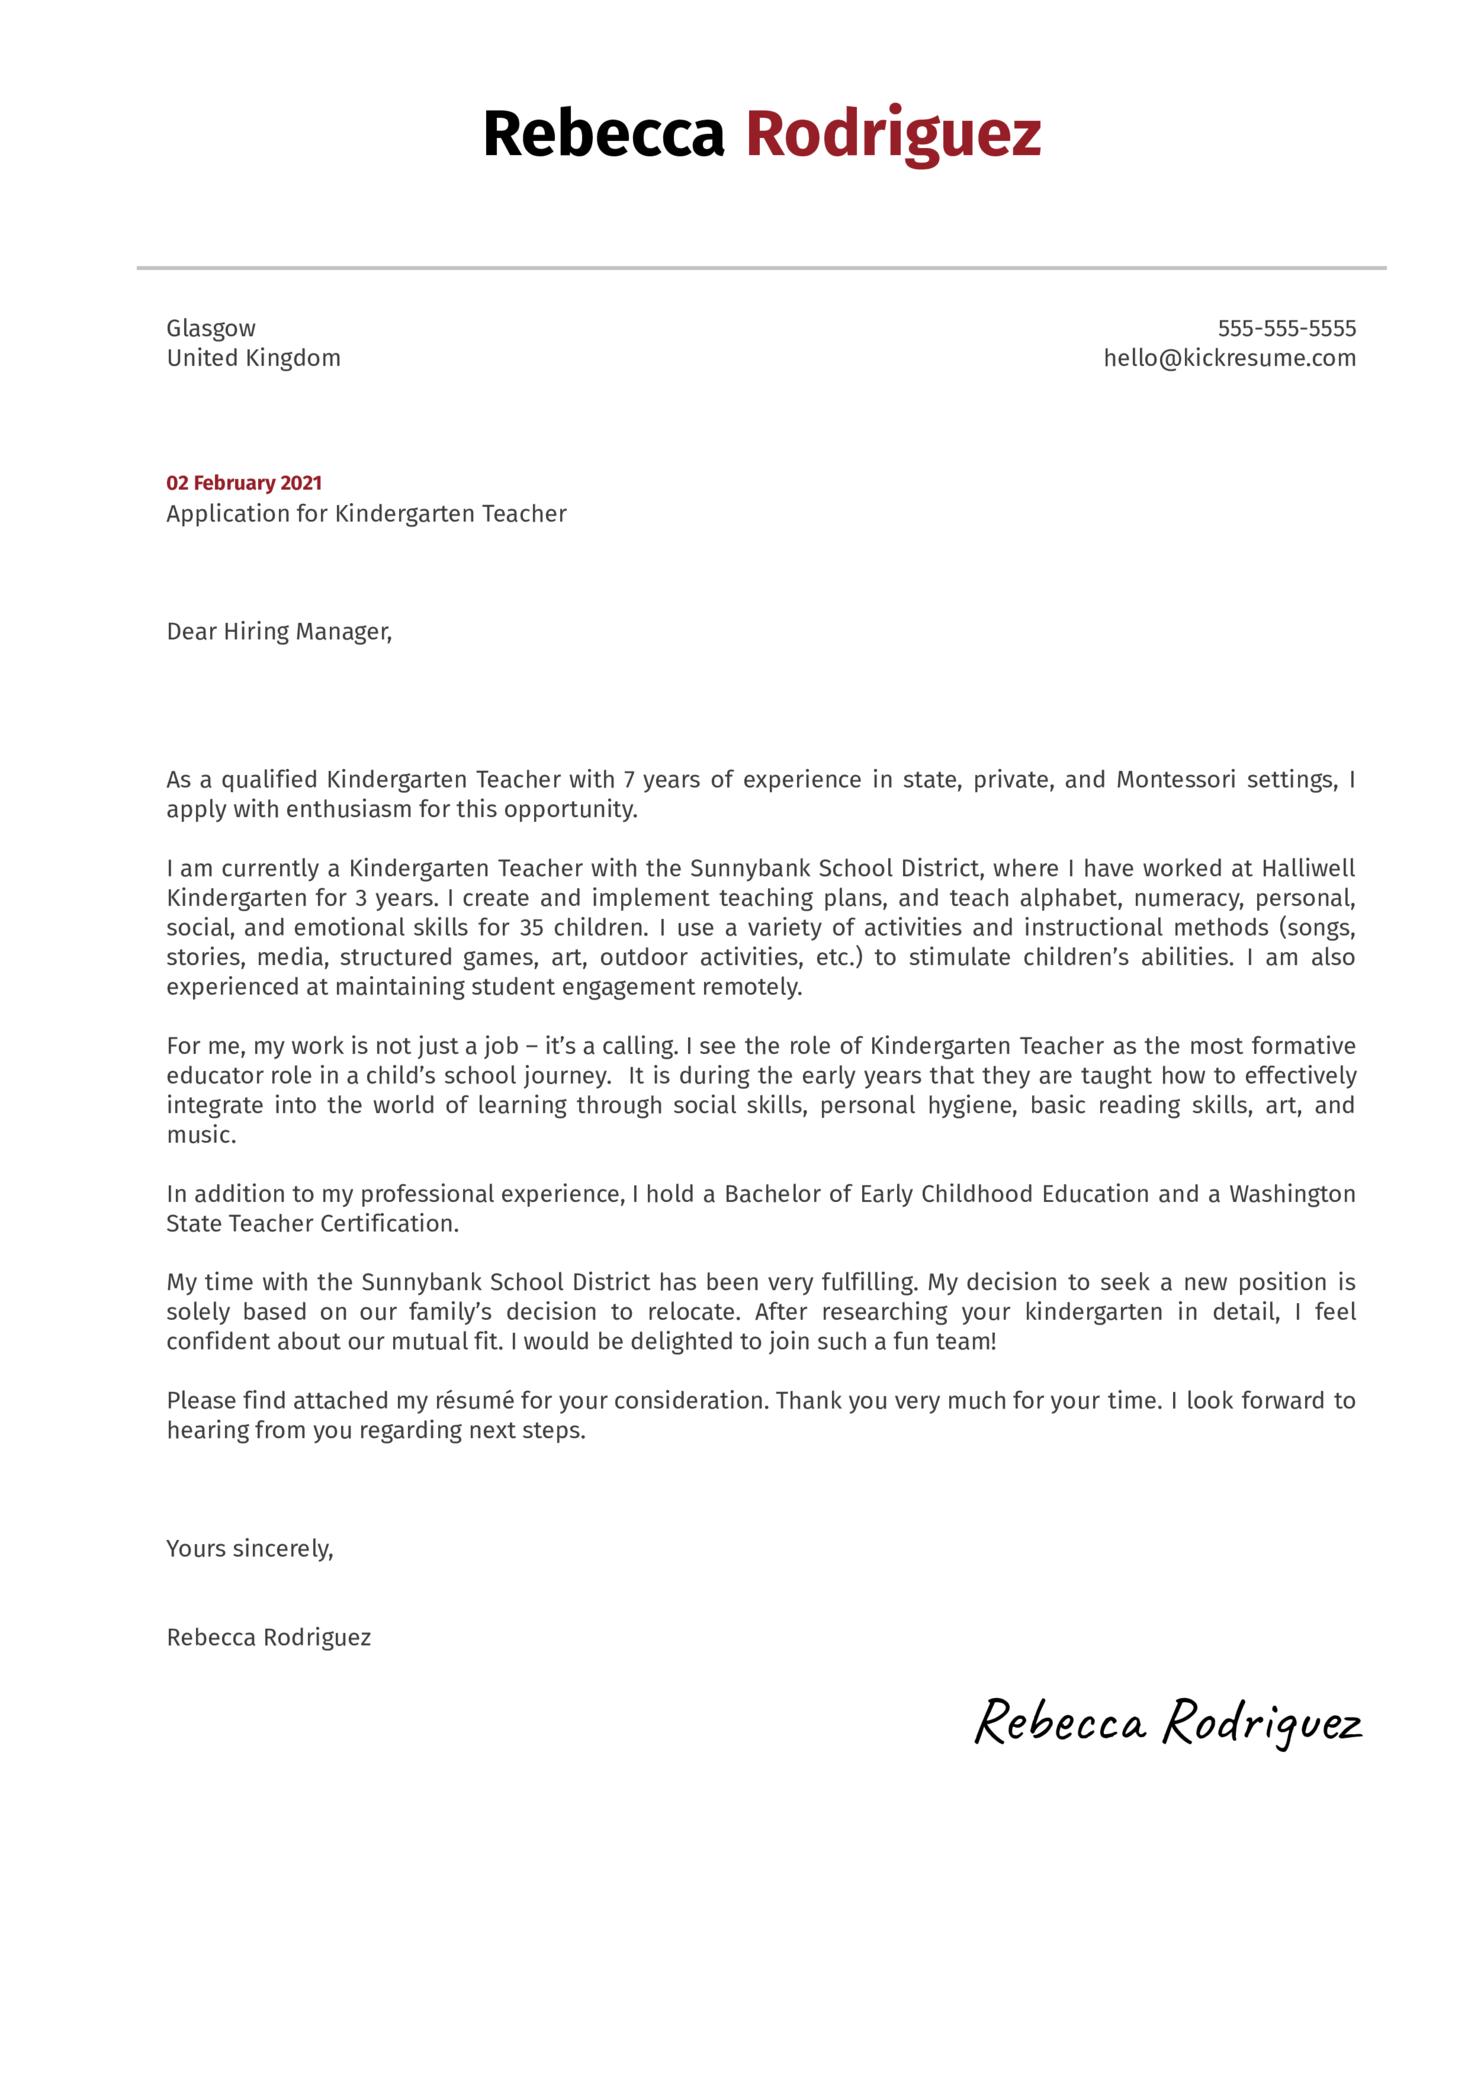 Kindergarten Teacher Cover Letter Sample Kickresume